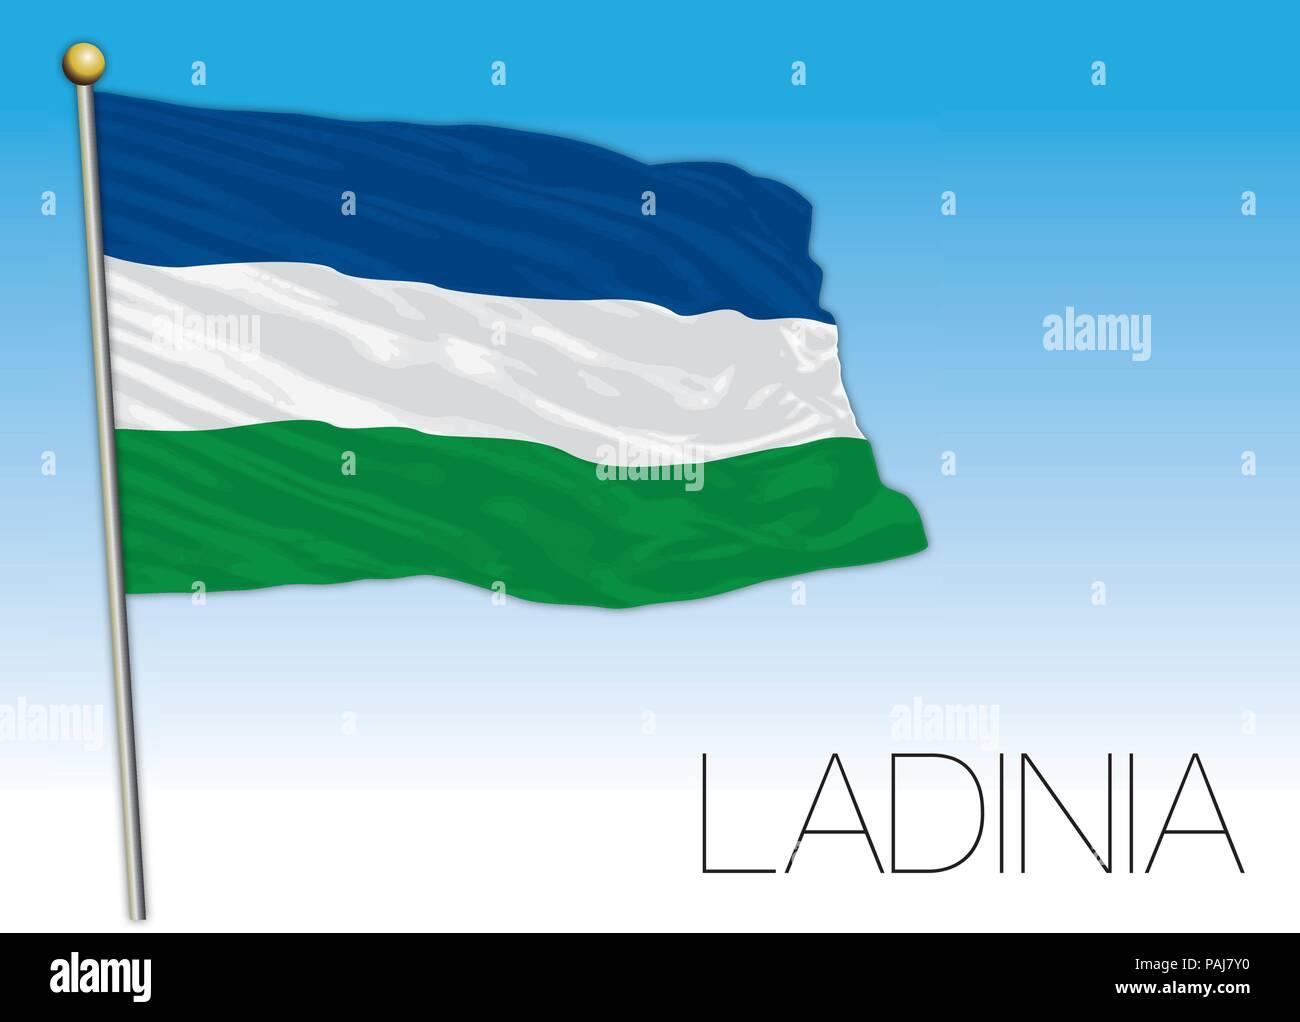 Ladinia regional flag, Italy - Stock Vector